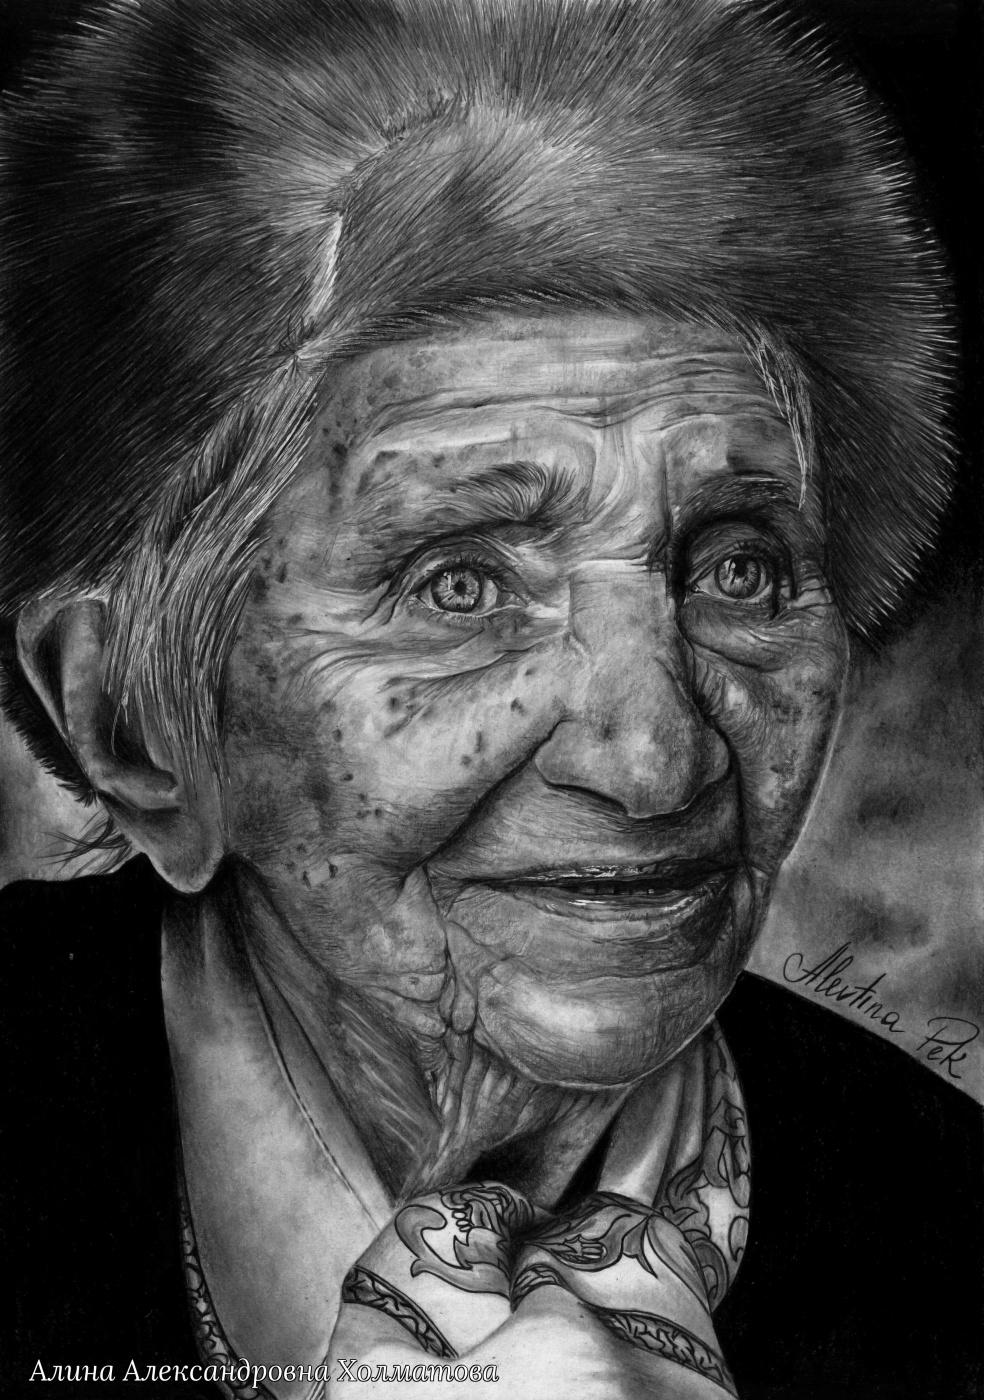 Alina Alexandrovna Kholmatova. Decent old age